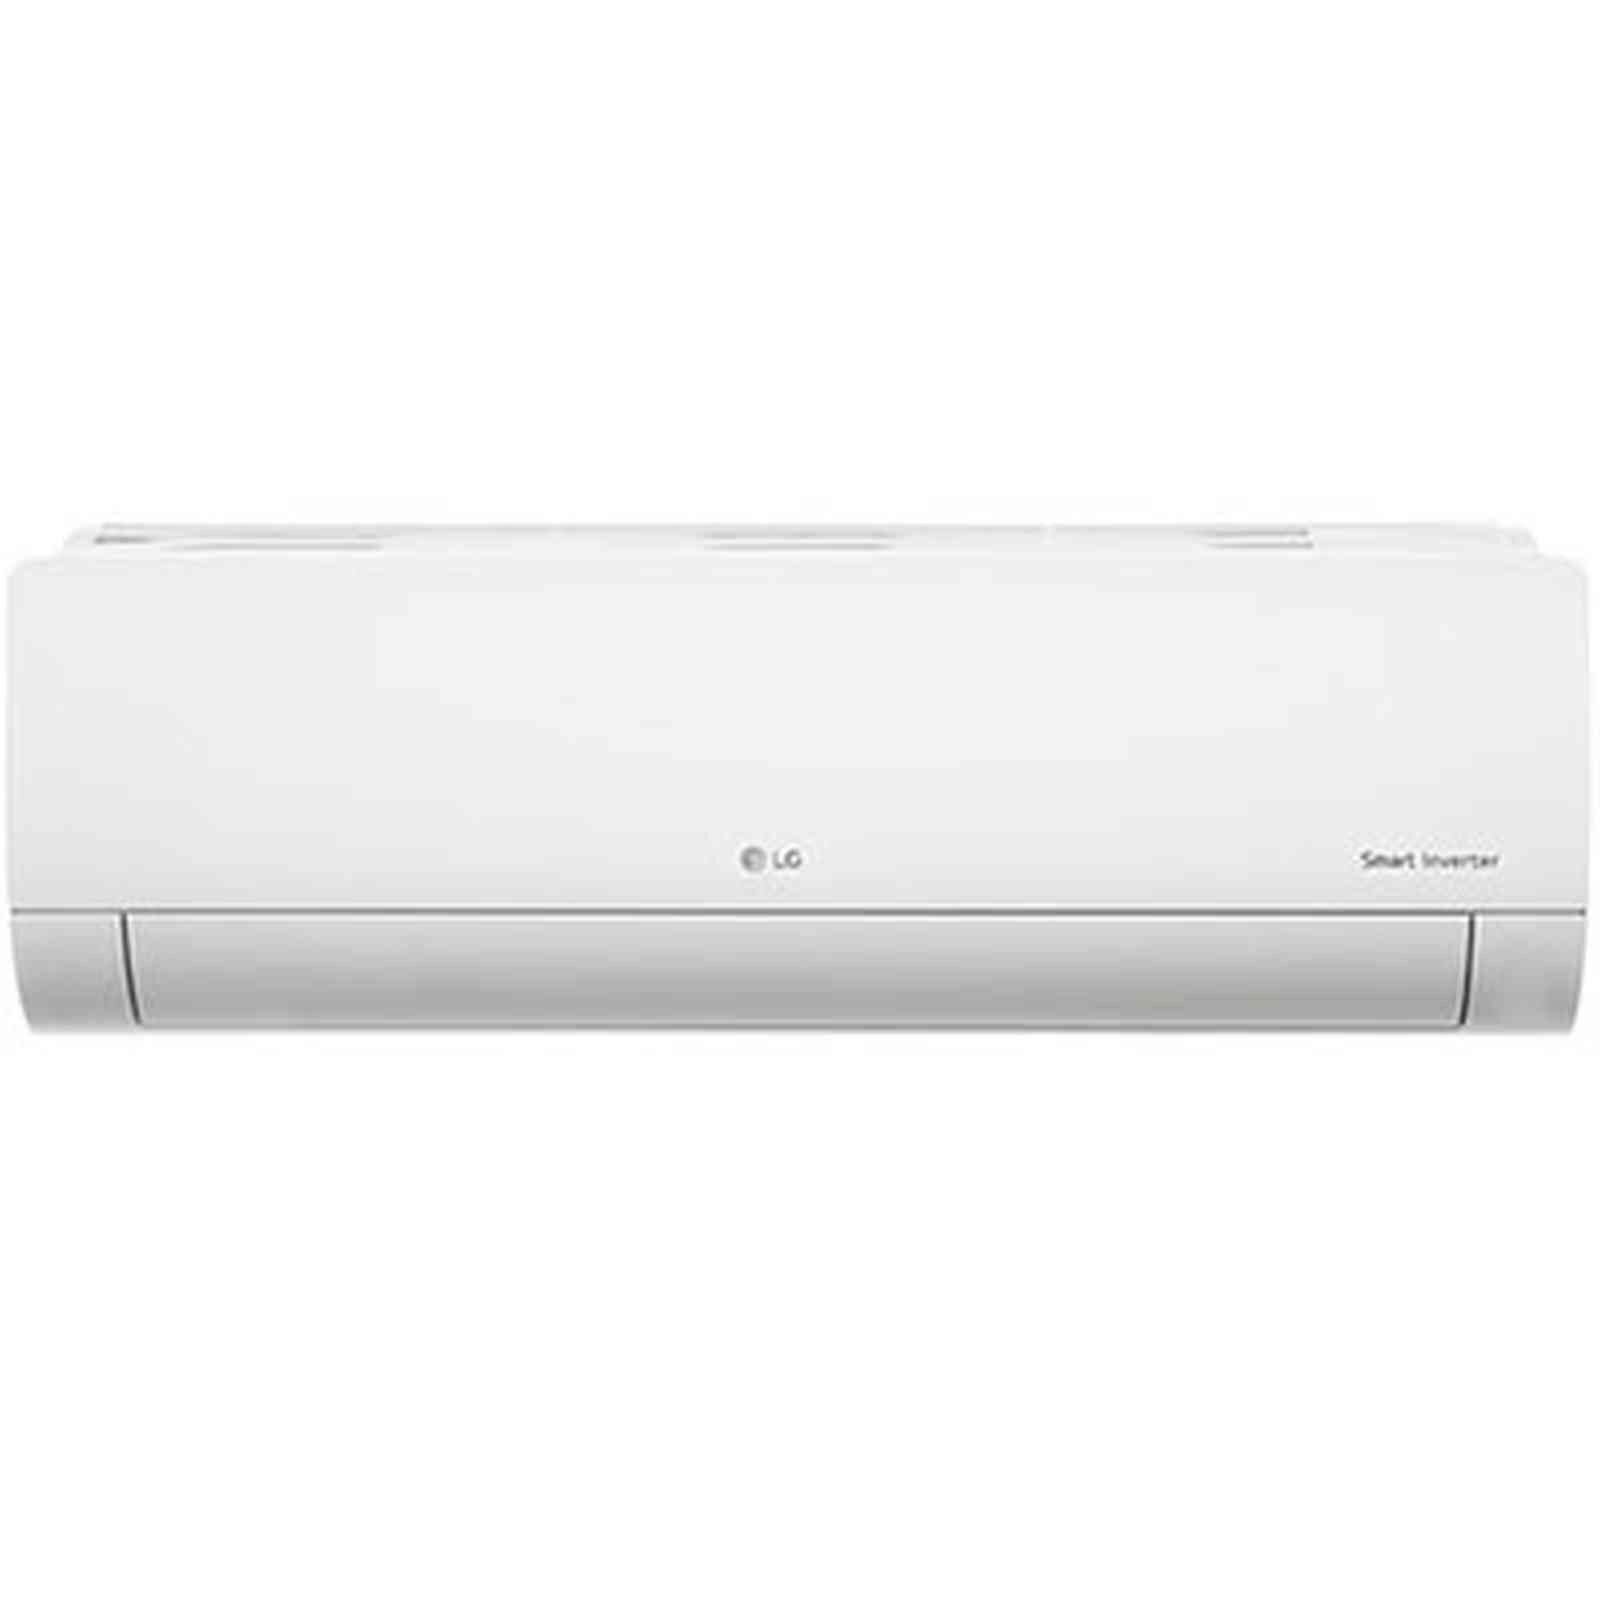 Điều hòa - Máy lạnh Daikin AMNQ24GSKA0 - 1 chiều, inverter, 24000Btu